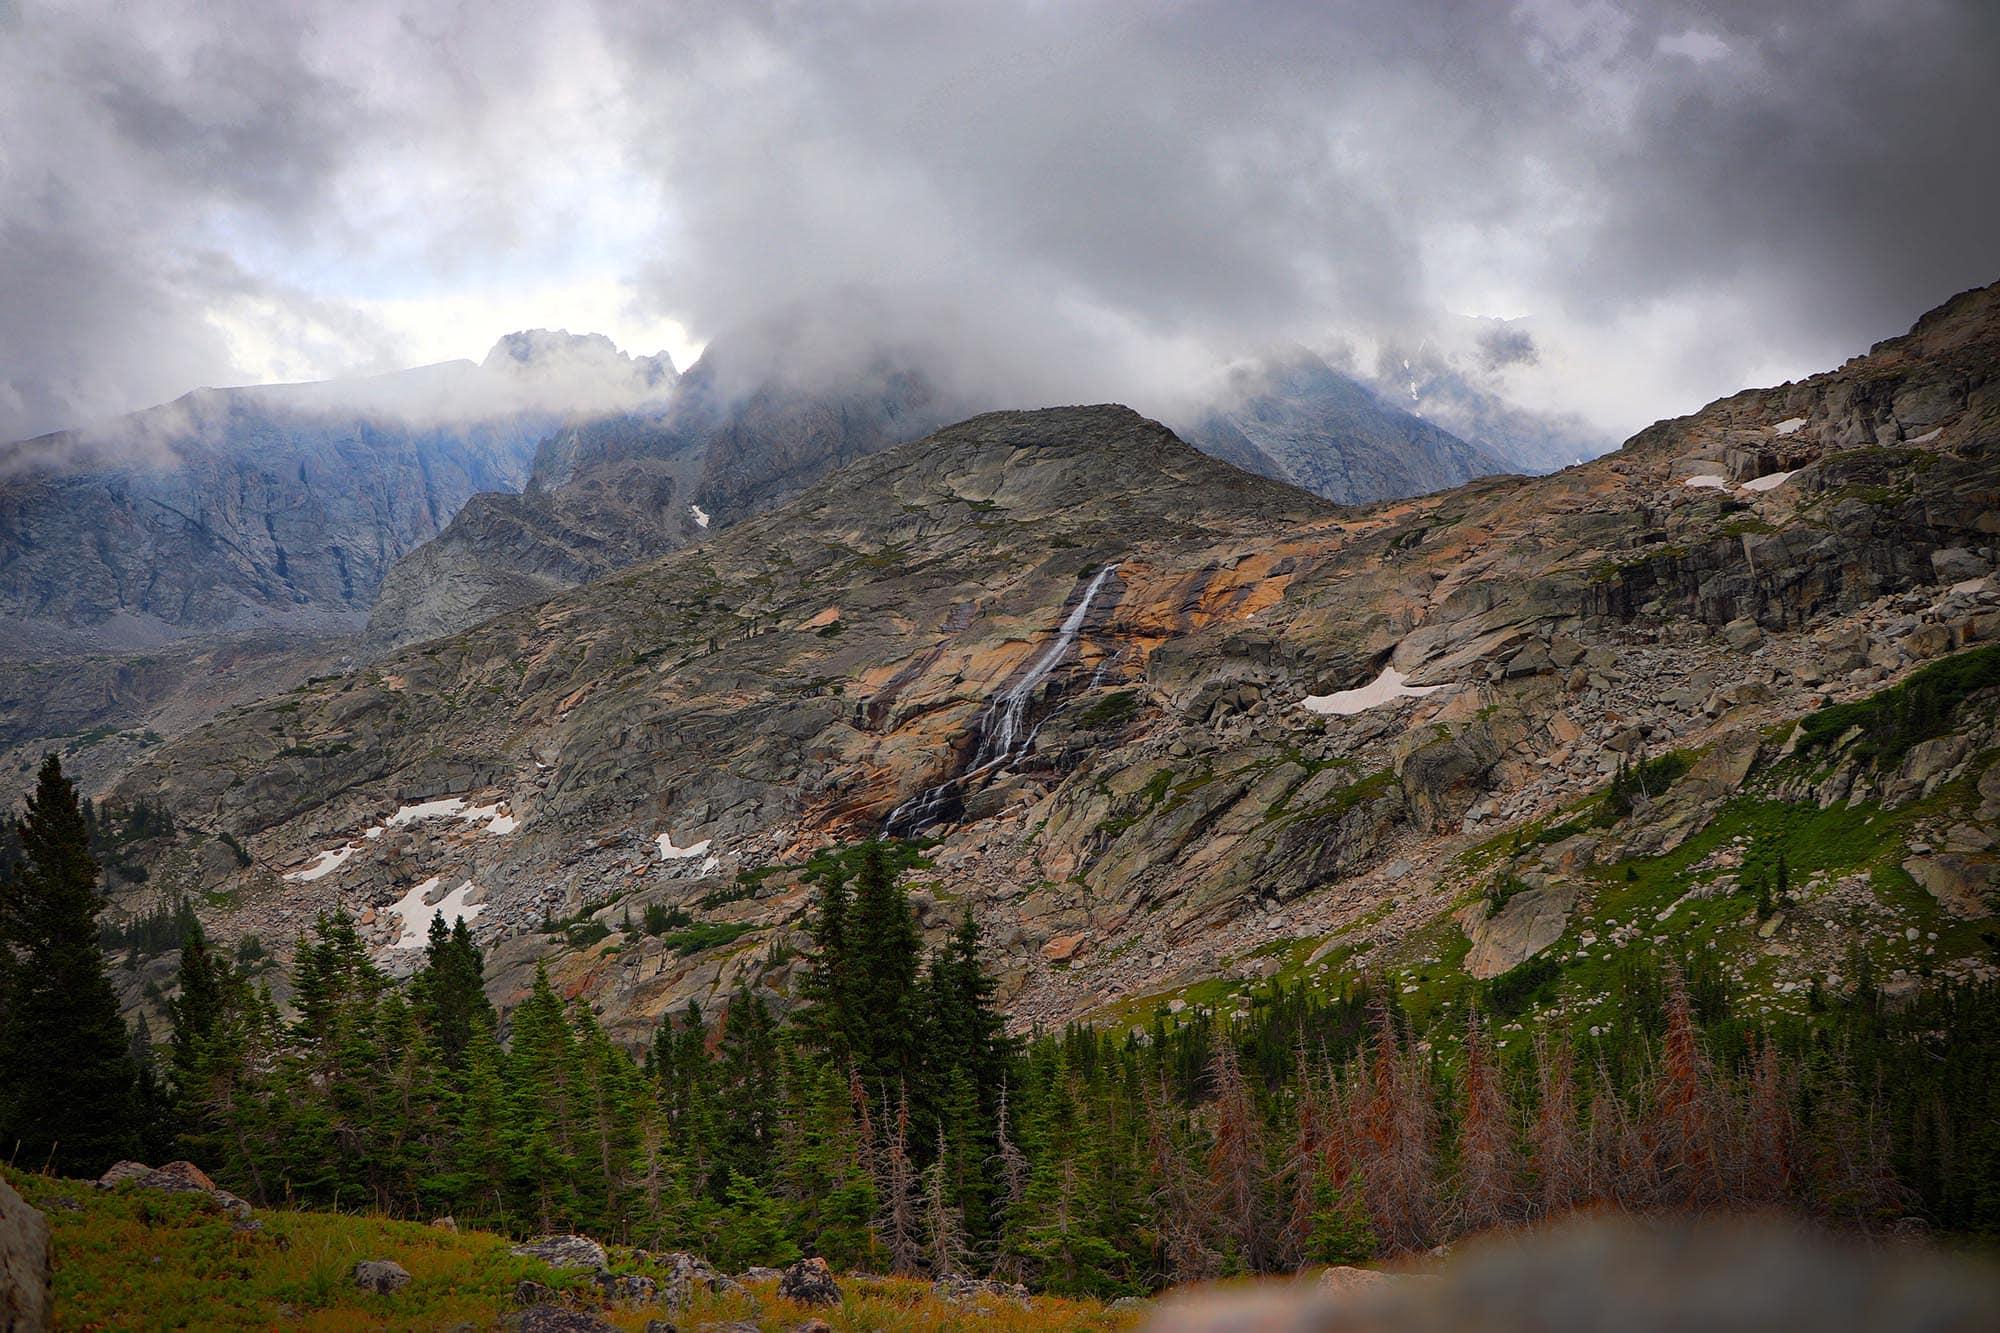 Loomis Lake, Wyoming waterfall in storm